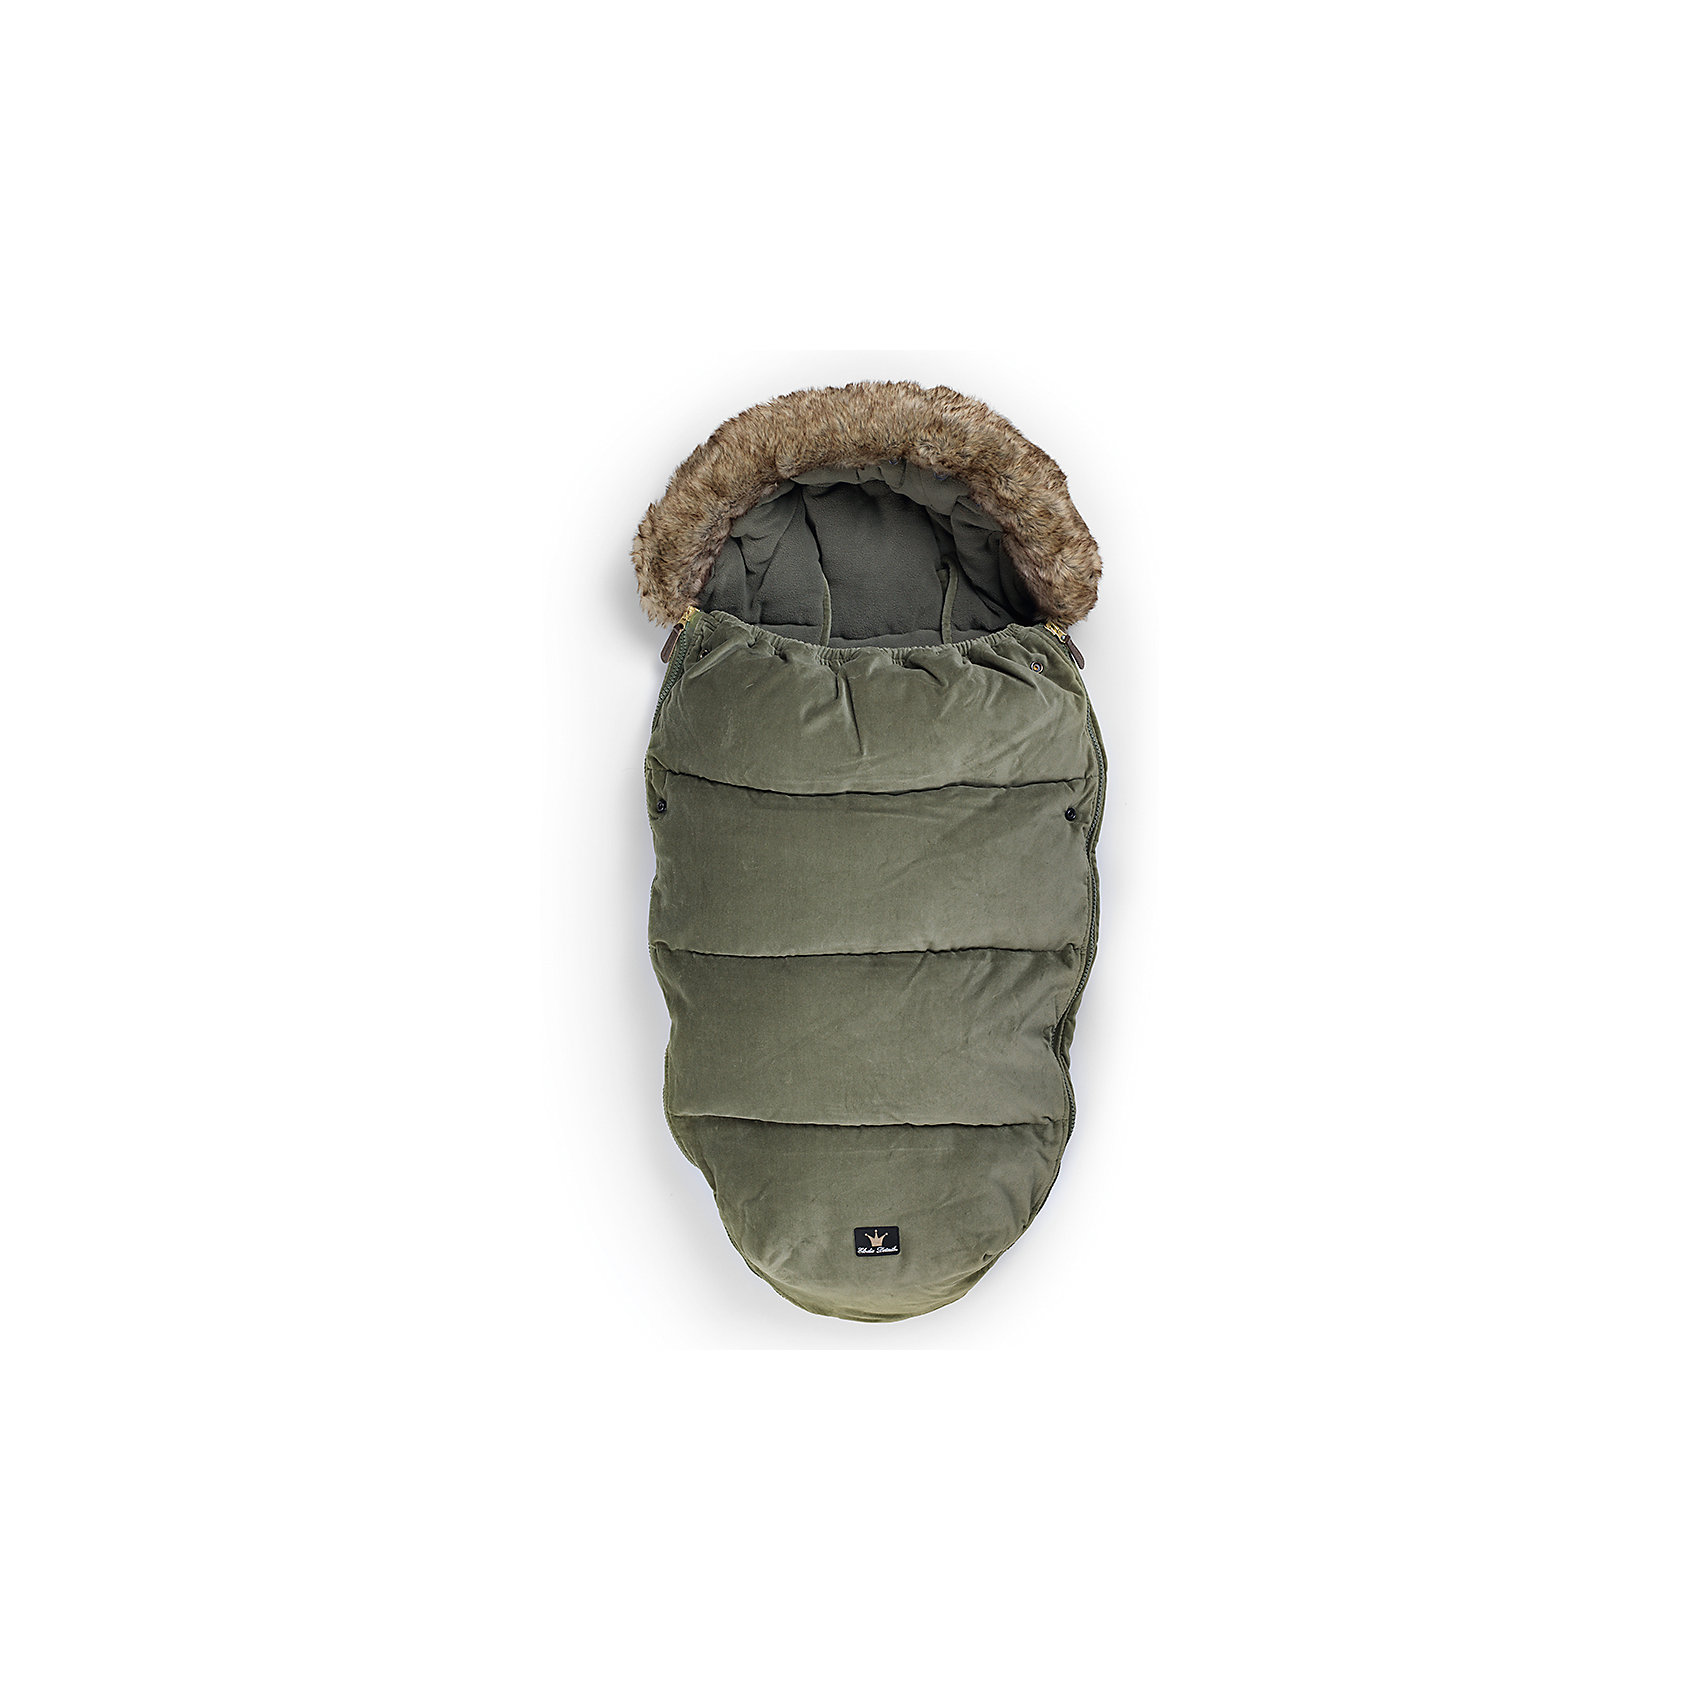 Конверт зимний с опушкой в коляску Woodland Green, Elodie DetailsКонверт зимний с опушкой в коляску Woodland Green, Elodie Details.<br><br>Характеристики:<br><br>• Сезон: зима для температуры до -25 °C<br>• Цвет: бархатно-зеленый оттенок.<br>• Материал верха: 60% вискоза, 40% полиуретан.<br>• Утеплитель: холлофайбер.<br>• Материал подклада: флис.<br>• Оторочка из искусственного меха Colar.<br>• Тип застежки: молния.<br><br>Размер:<br>- длина 110см;<br>- ширина 53см.<br><br>Конверт зимний с опушкой в коляску Woodland Green, Elodie Details –это новинка от шведского бренда Elodie Details. Теплый, легкий и удобный, он обеспечит вашему малышу оптимальный комфорт и тепло. Покрытие конверта изготовлено по новейшей технологии BIONIC-FINISH® ECO, благодаря чему надежно защищено от ветра, влаги и снега. Этот зимний конверт подходит к любому типу колясок. Верхняя часть конверта оторочена  искусственным мехом и может использоваться, как капюшон. Ножки ребенка остаются не зафиксированными. В качестве наполнителя в конверте использован  холлофайбер — инновационный, экологически чистый и гипоаллергенный материал, который обеспечивает качественное сохранение тепла. В конверте предусмотрены отверстия для 5-точечных ремней безопасности. Конверт зимний с опушкой в коляску Woodland Green, Elodie Details не требует специального ухода, его можно стирать в стиральной машине, используя указанный режим.<br>Зимние прогулки в таком конверте могут быть длительными и приятными!<br><br><br>Конверт зимний с опушкой в коляску Woodland Green, Elodie Details, можно купить в нашем интернет - магазине.<br><br>Ширина мм: 1100<br>Глубина мм: 530<br>Высота мм: 60<br>Вес г: 900<br>Возраст от месяцев: 0<br>Возраст до месяцев: 24<br>Пол: Унисекс<br>Возраст: Детский<br>SKU: 5077474